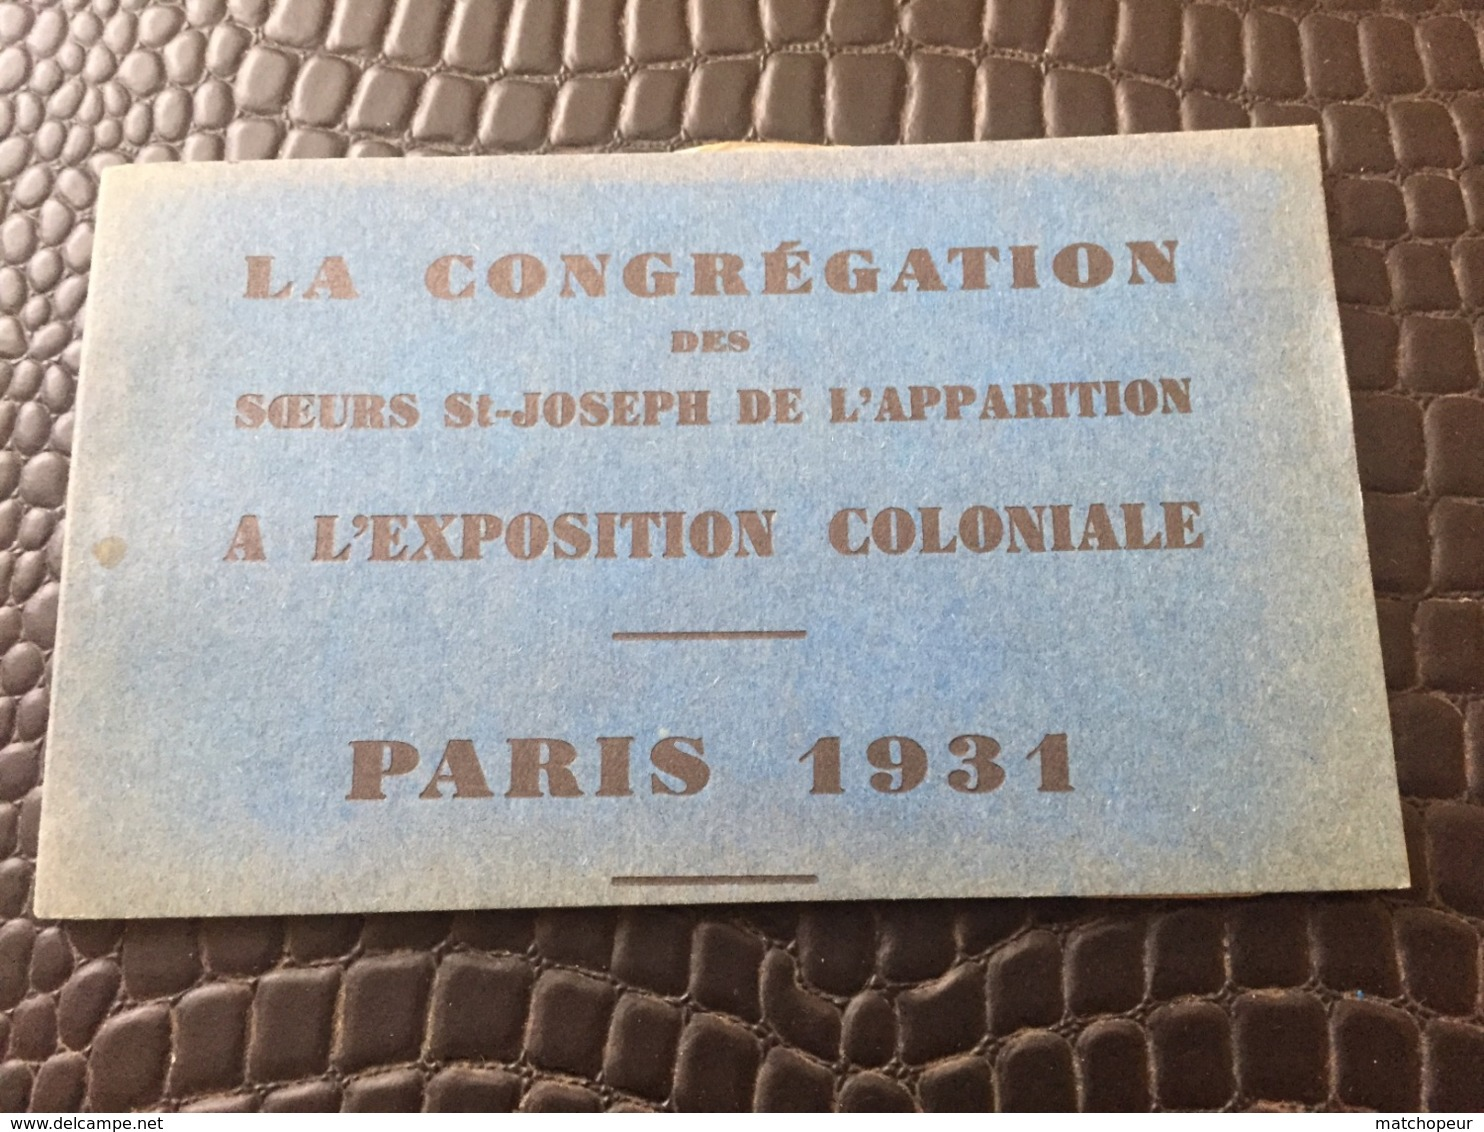 CARNET DE 6 CARTES POSTALES DE LA CONGREGATION DES SOEURS ST JOSEPH DE L'APPARITION A L'EXPOSITION COLONIALE PARIS 1931 - Ausstellungen